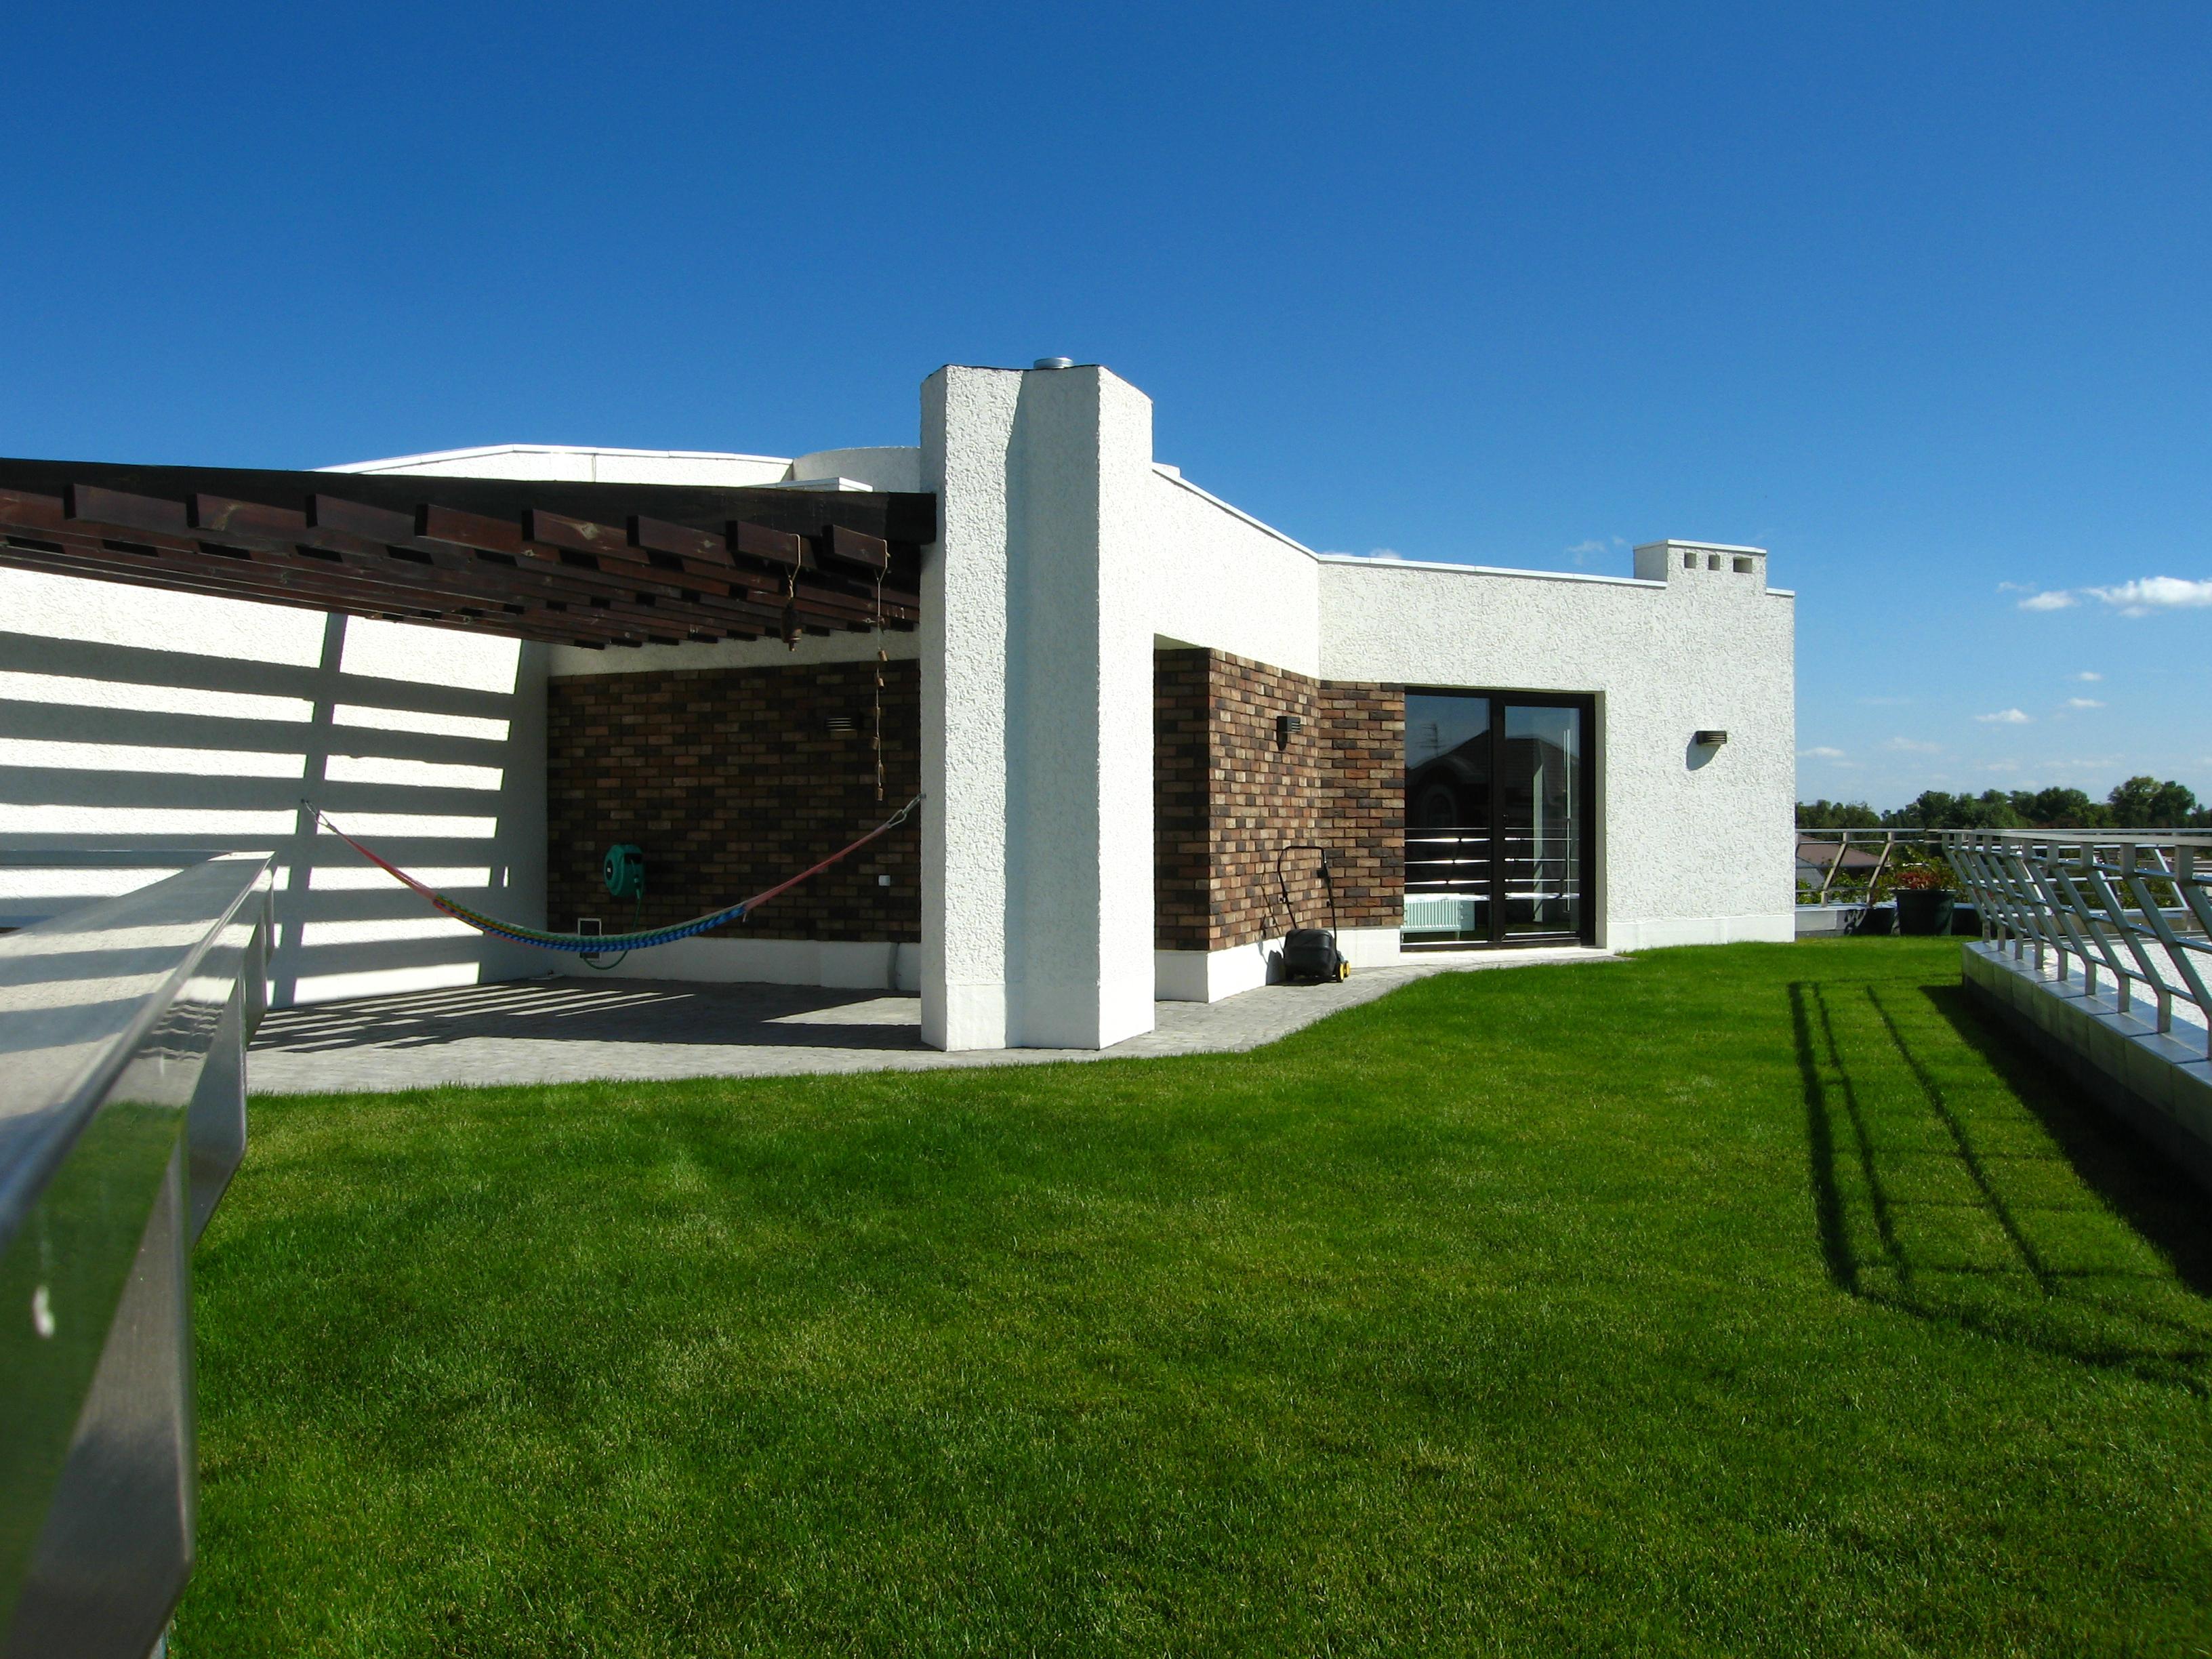 """Проект дома с плоской кровлей, панорамными окнами и террасами - проект Эбро, """"зеленая"""" кровля"""